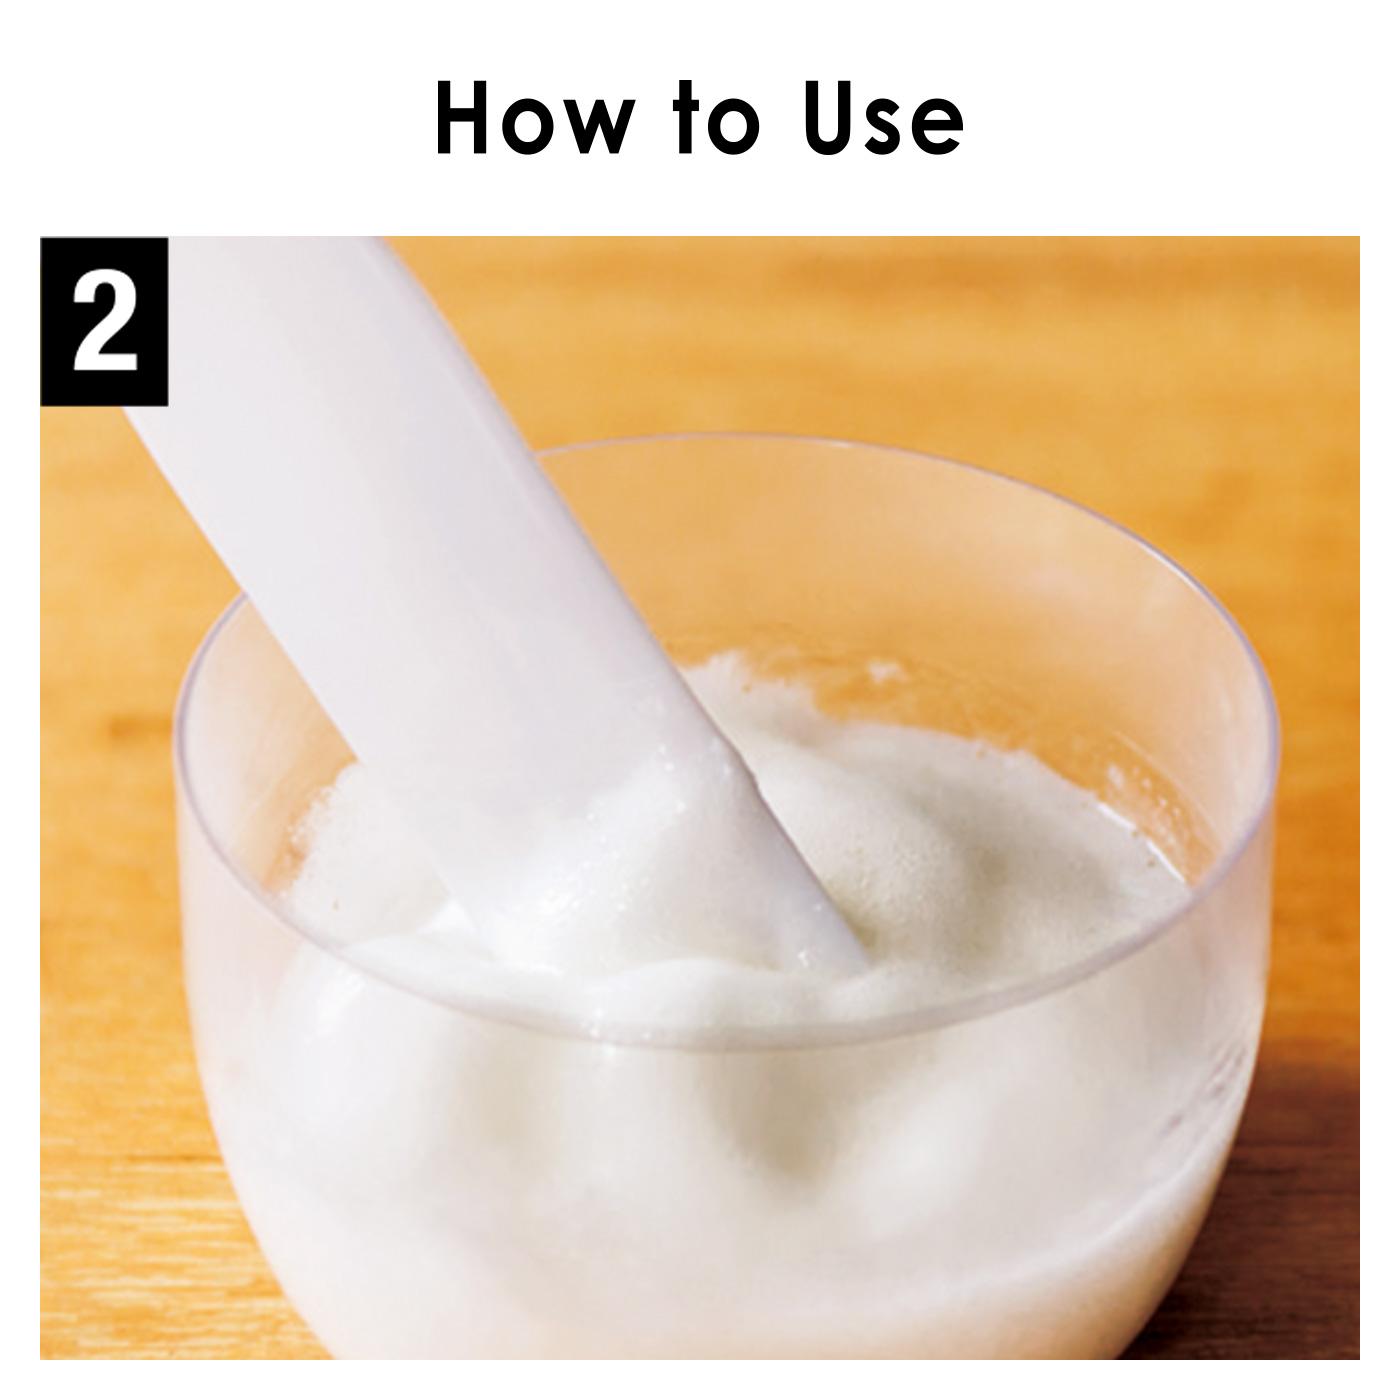 スパチュラで、1分間ジェルをしっかり混ぜ合わせます。